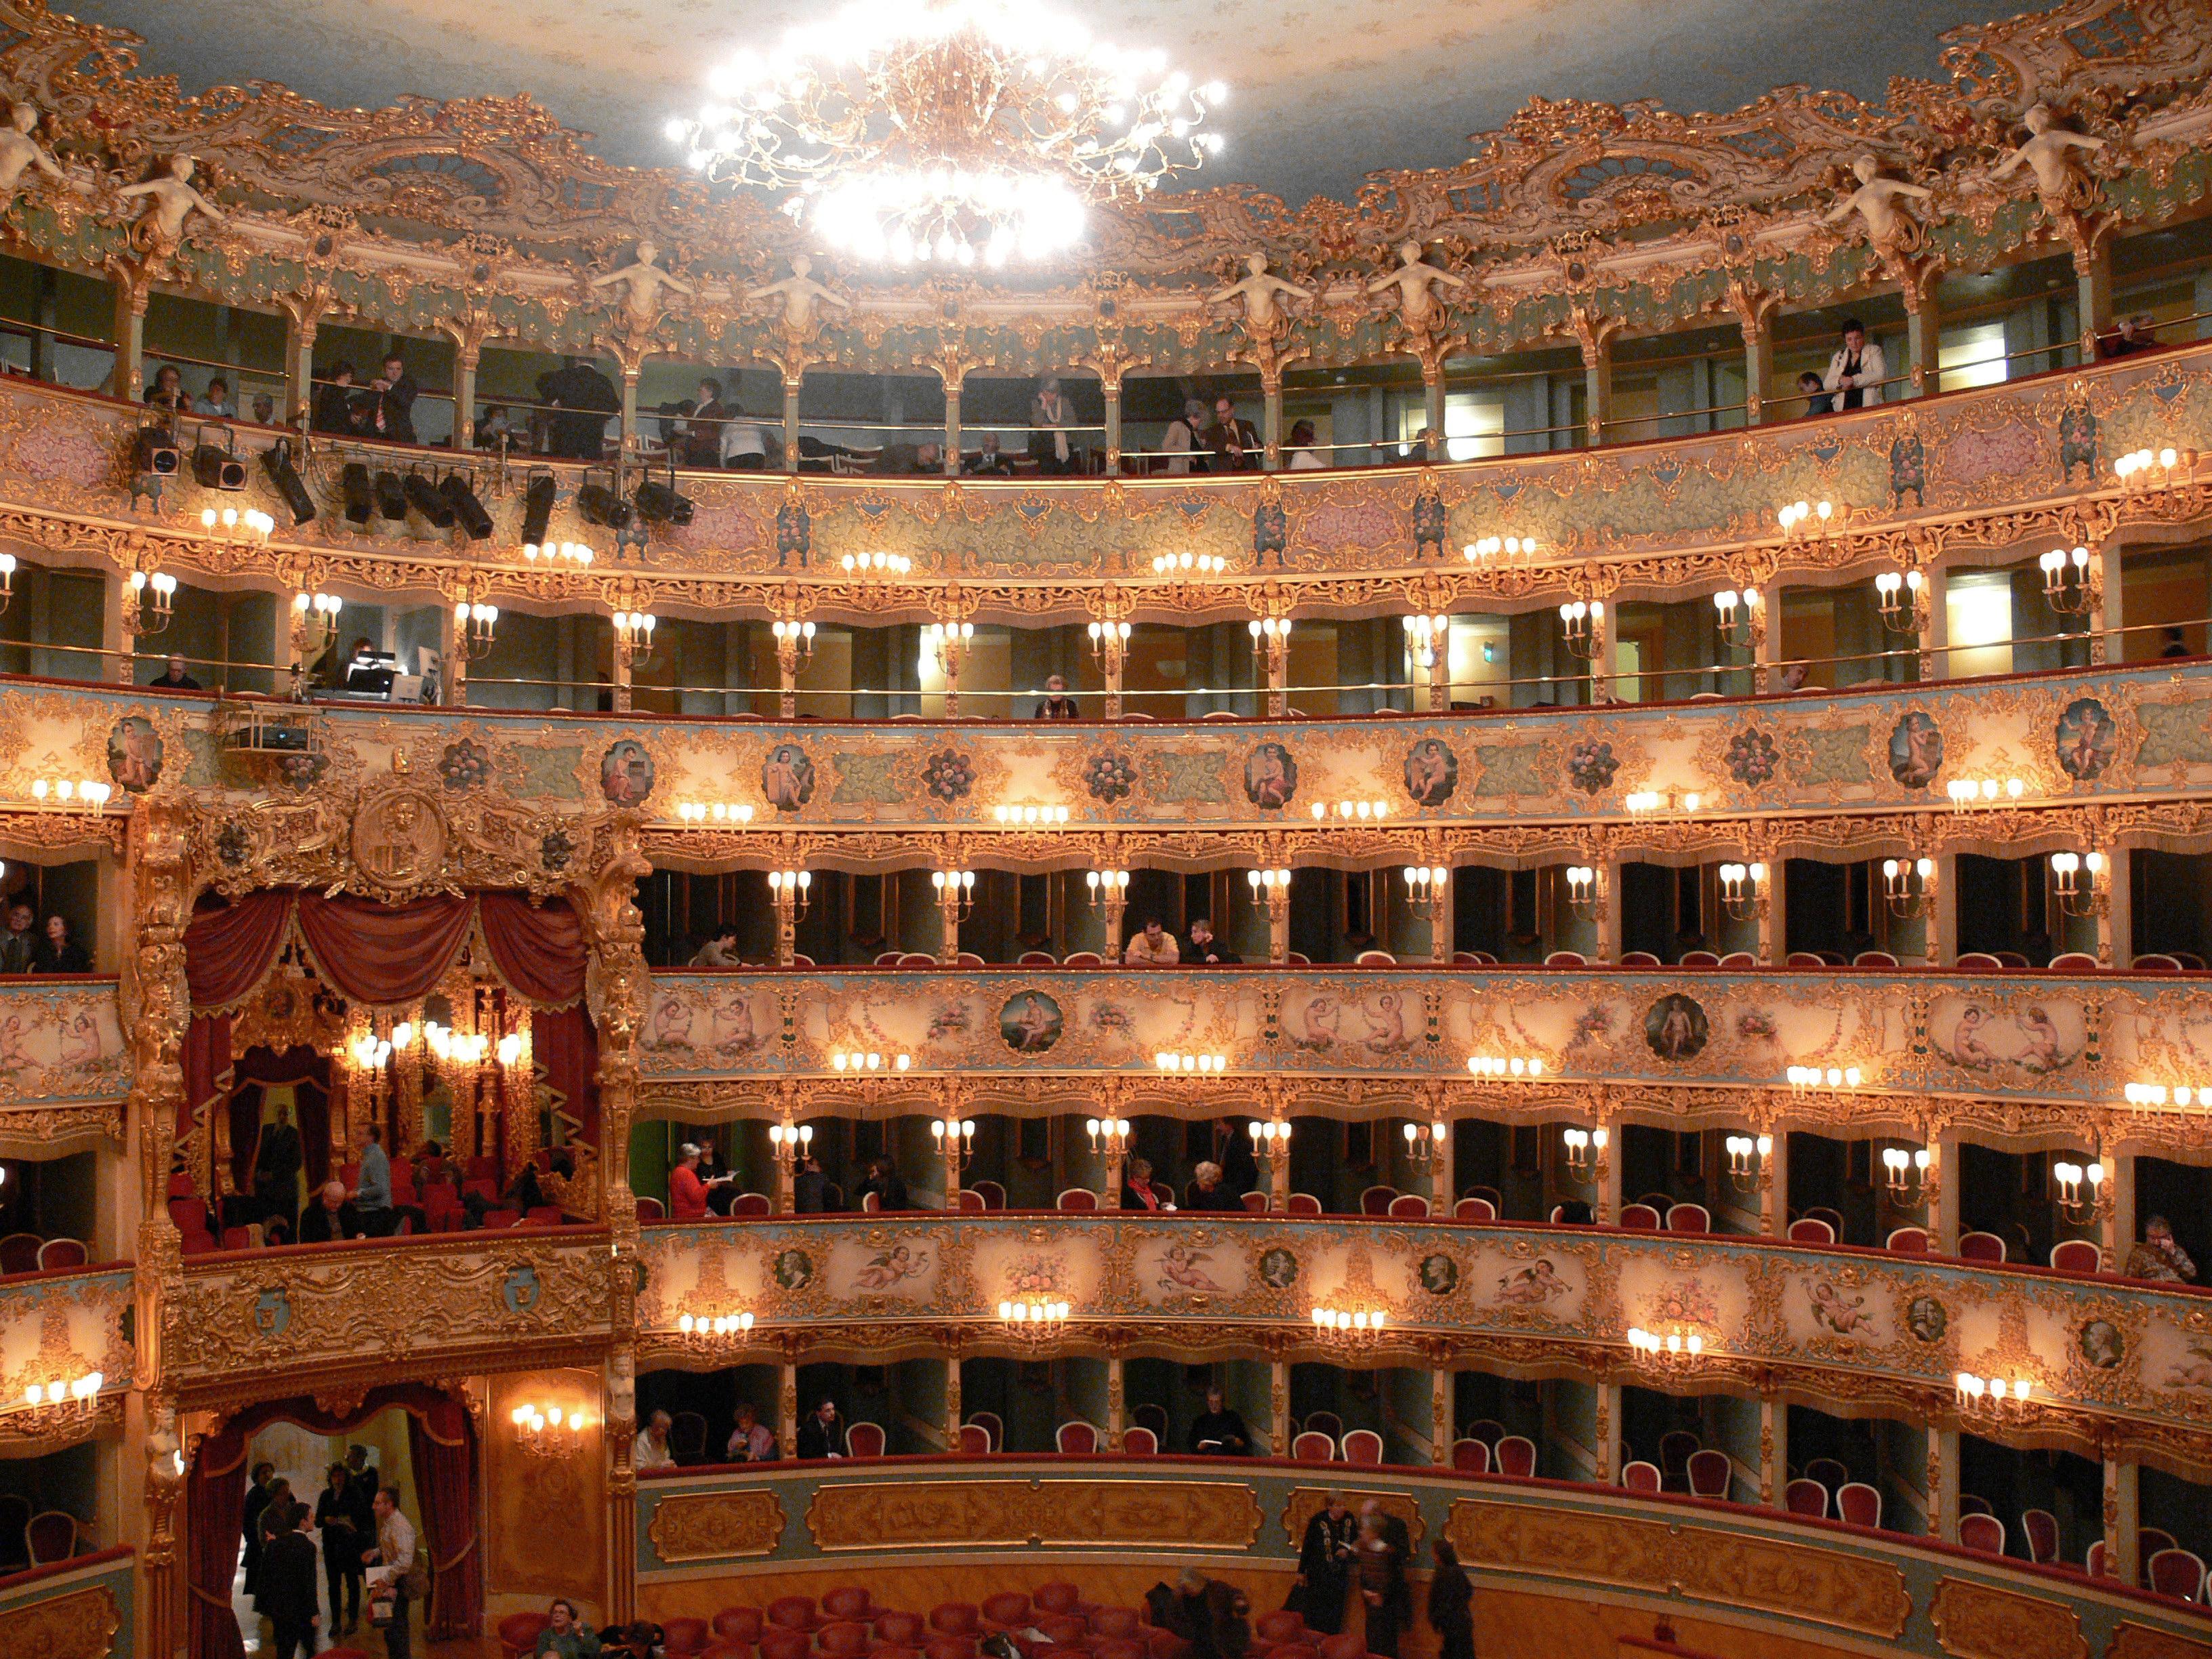 La guerra dei concerti: diretta con La Fenice Muti dirige in differita